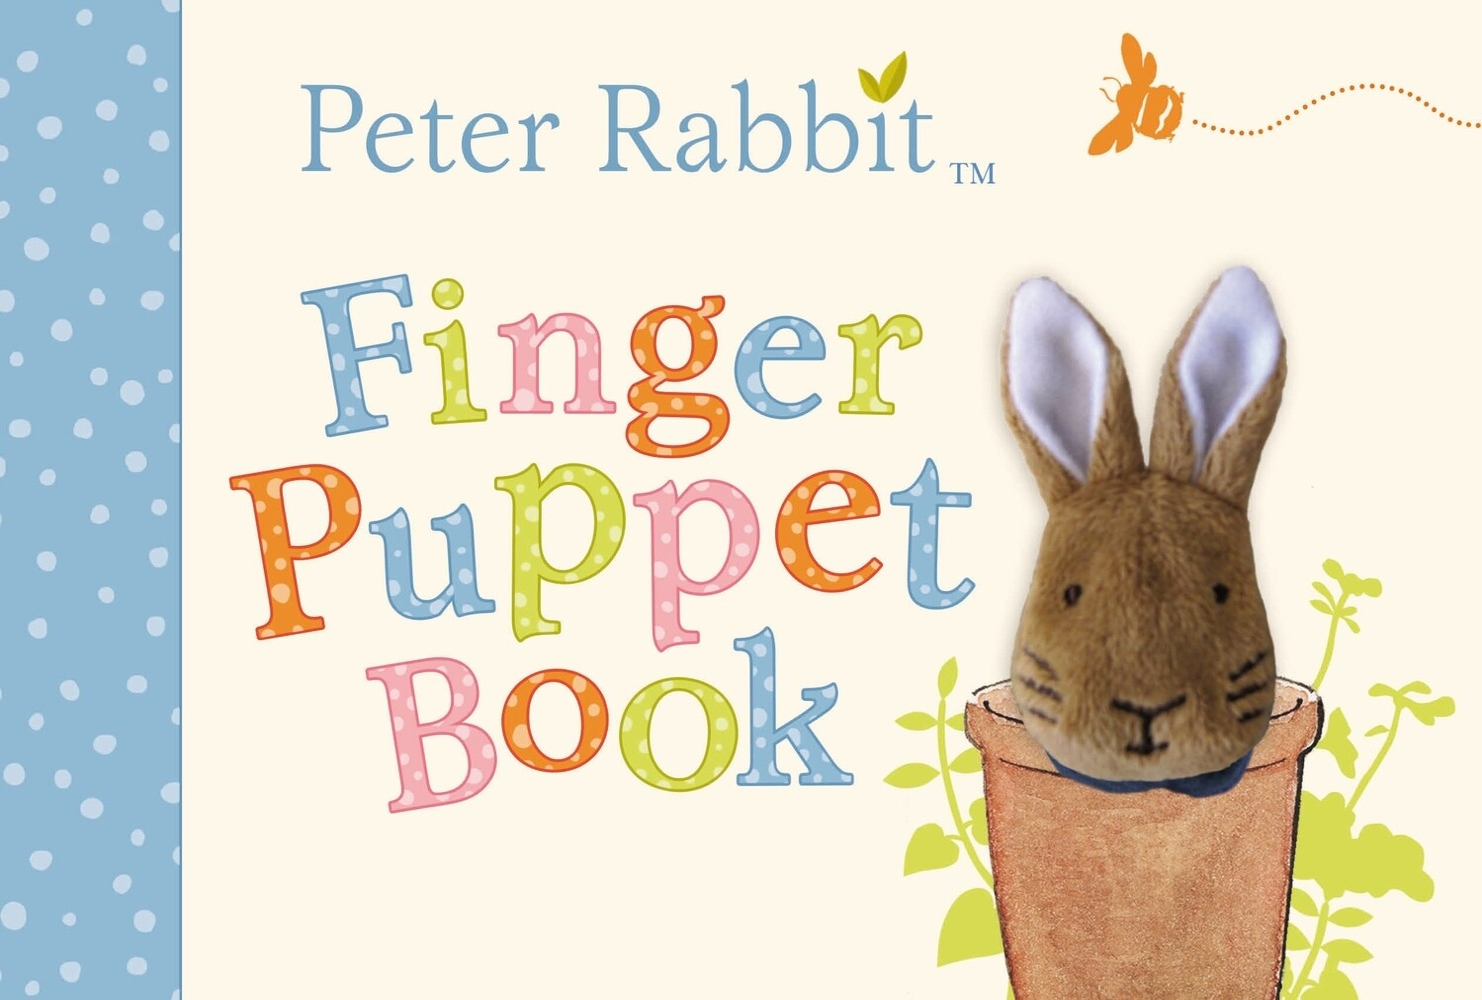 Peter Rabbit Finger Puppet Book als Buch von Be...